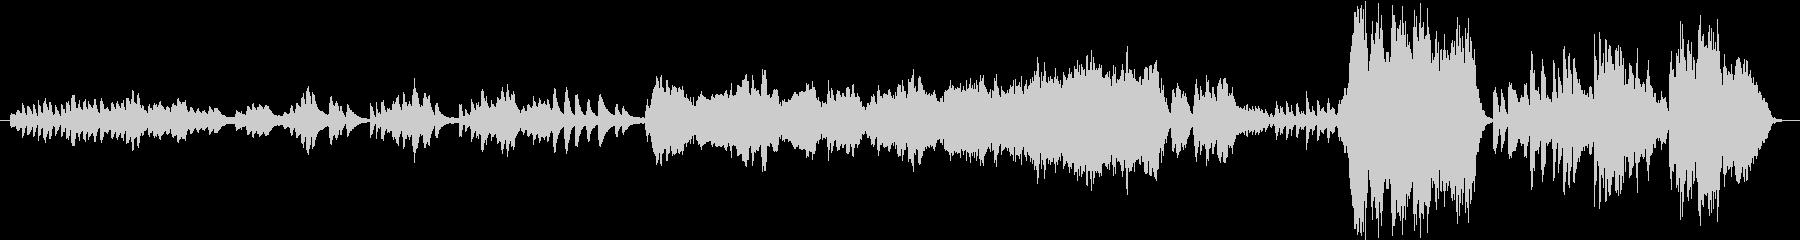 リラックス・映画音楽・CaféBGMにの未再生の波形